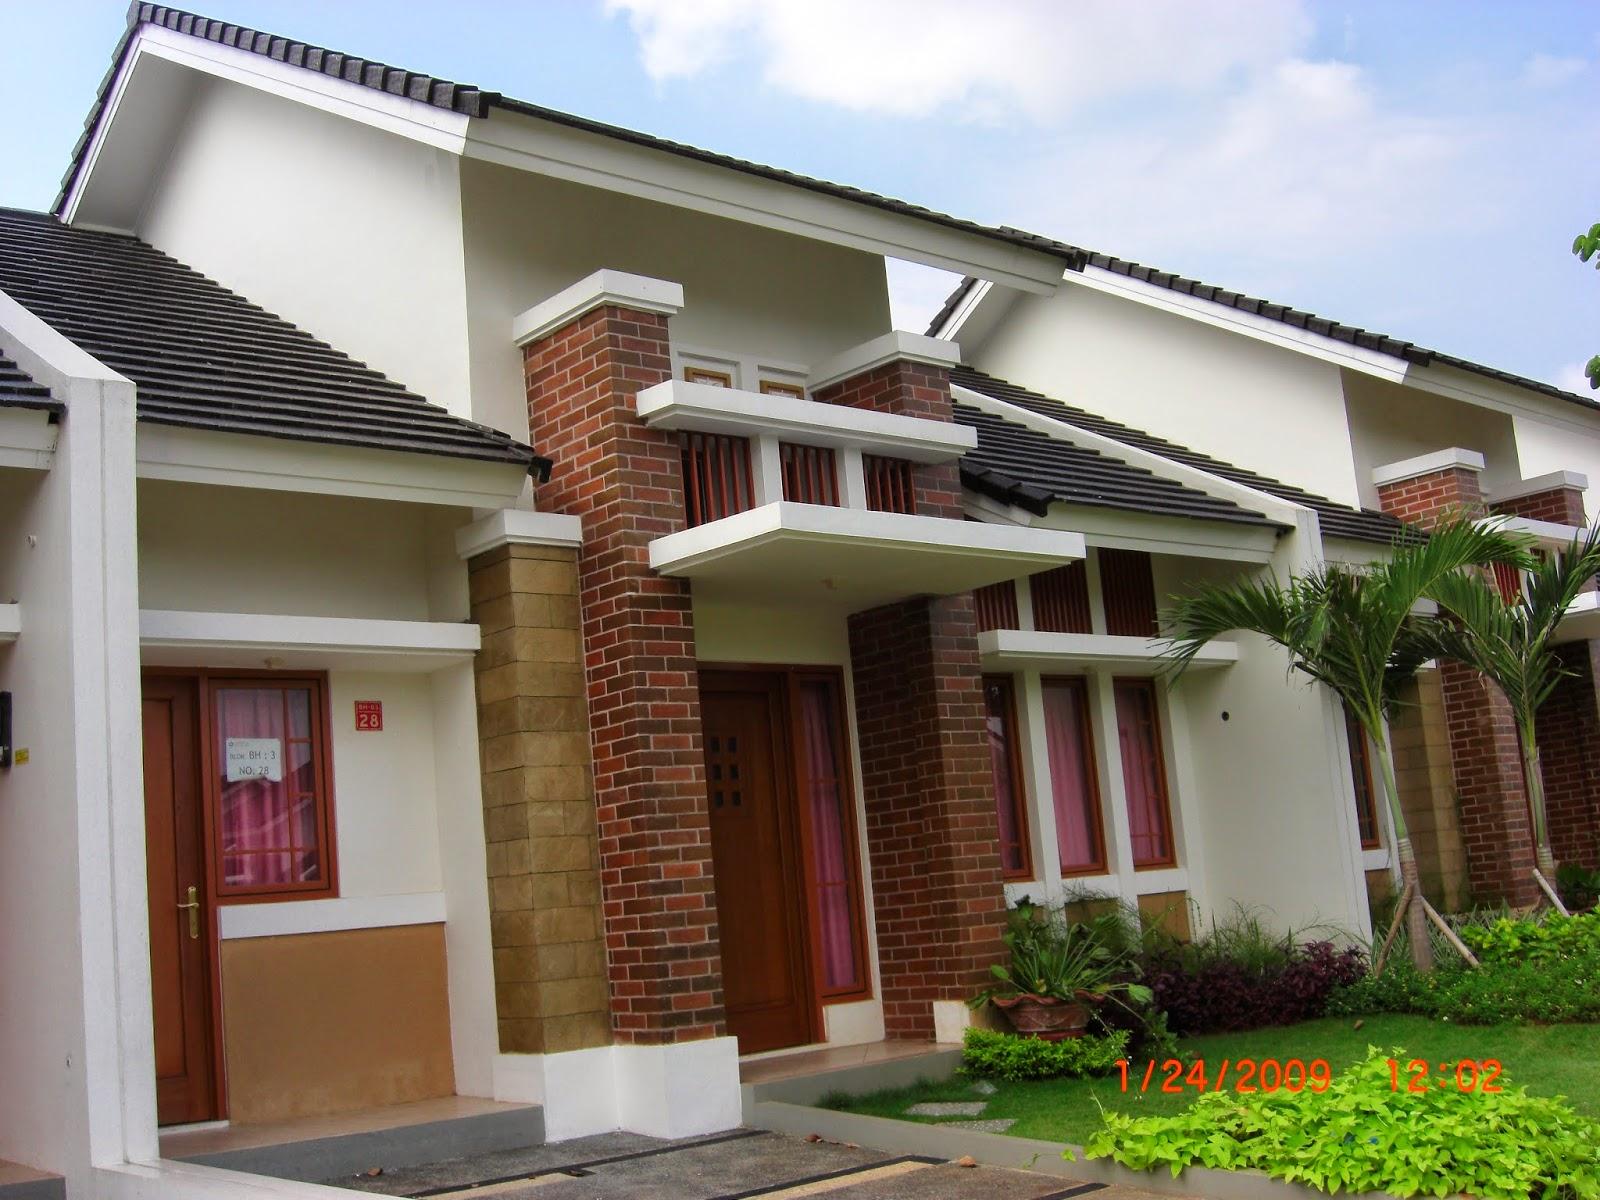 Gambar+Rumah+Minimalis+Satu+Lantai+(2)